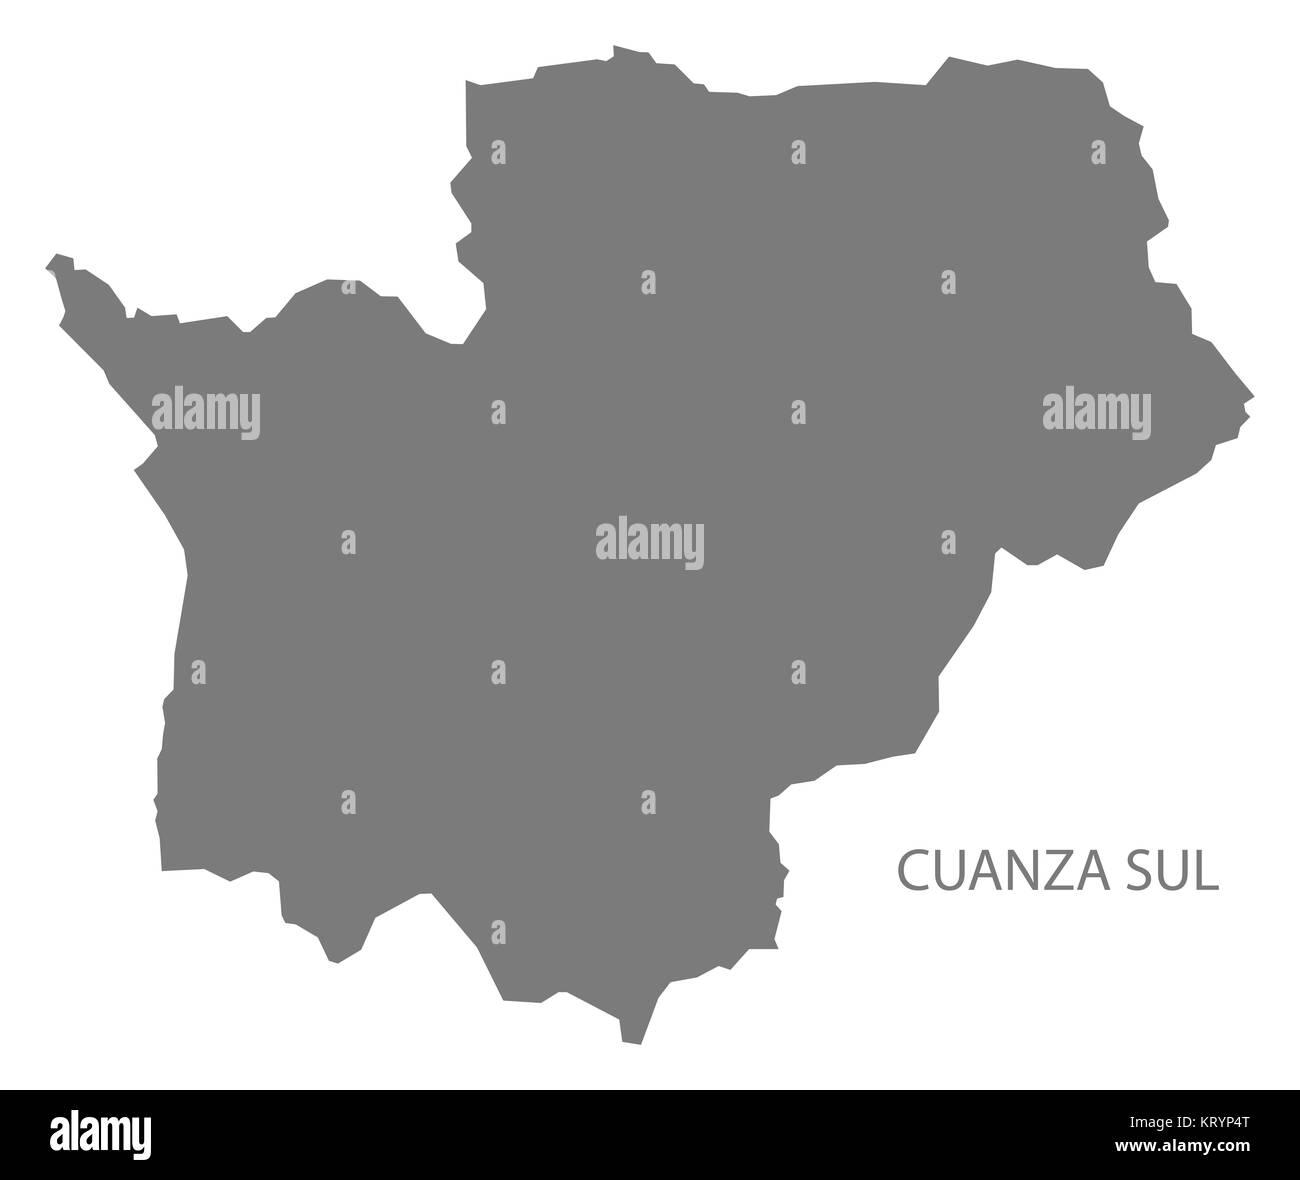 Cuanza Sul Angola Map grey Stock Photo